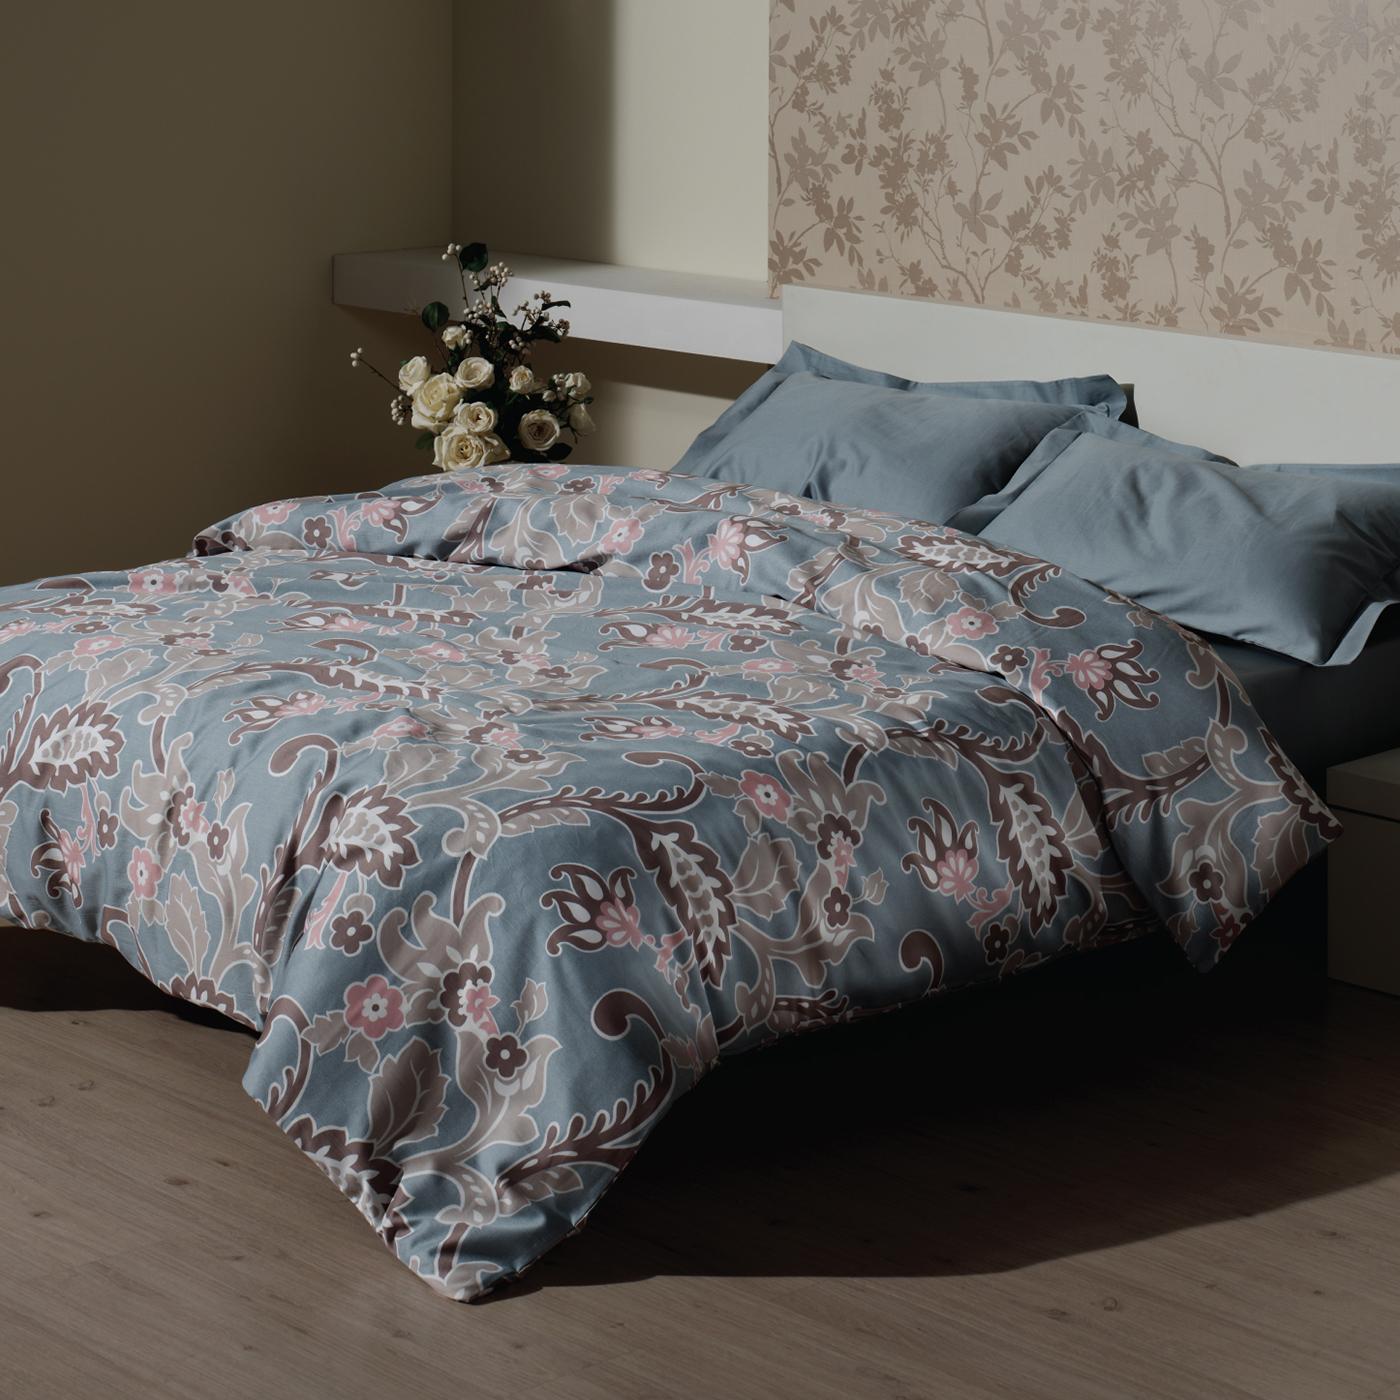 Купить Комплект постельного белья Royal Green Min, inmyroom, Турция